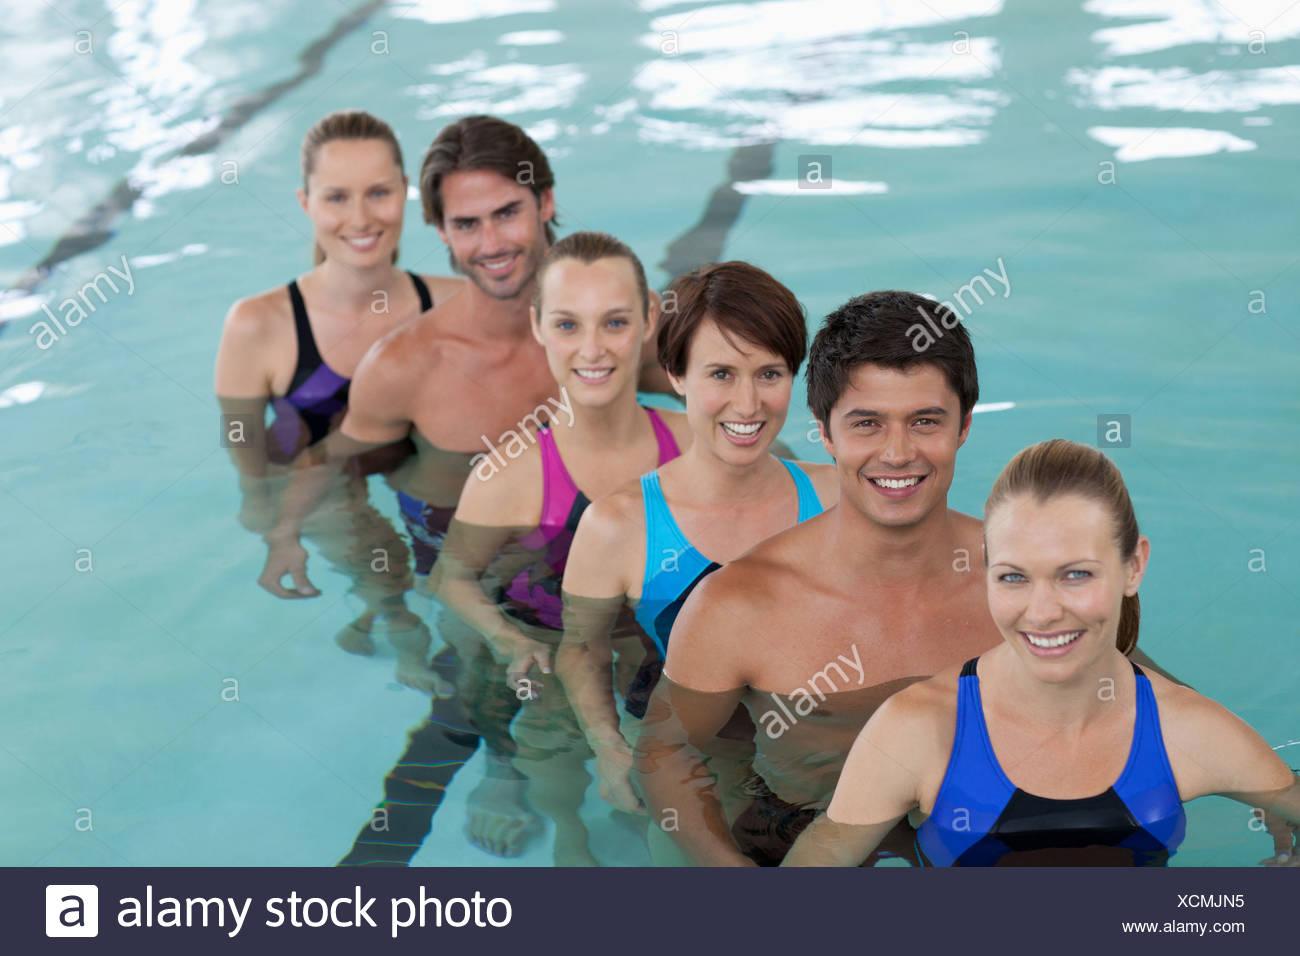 Sechs Menschen im Schwimmbad Stockbild